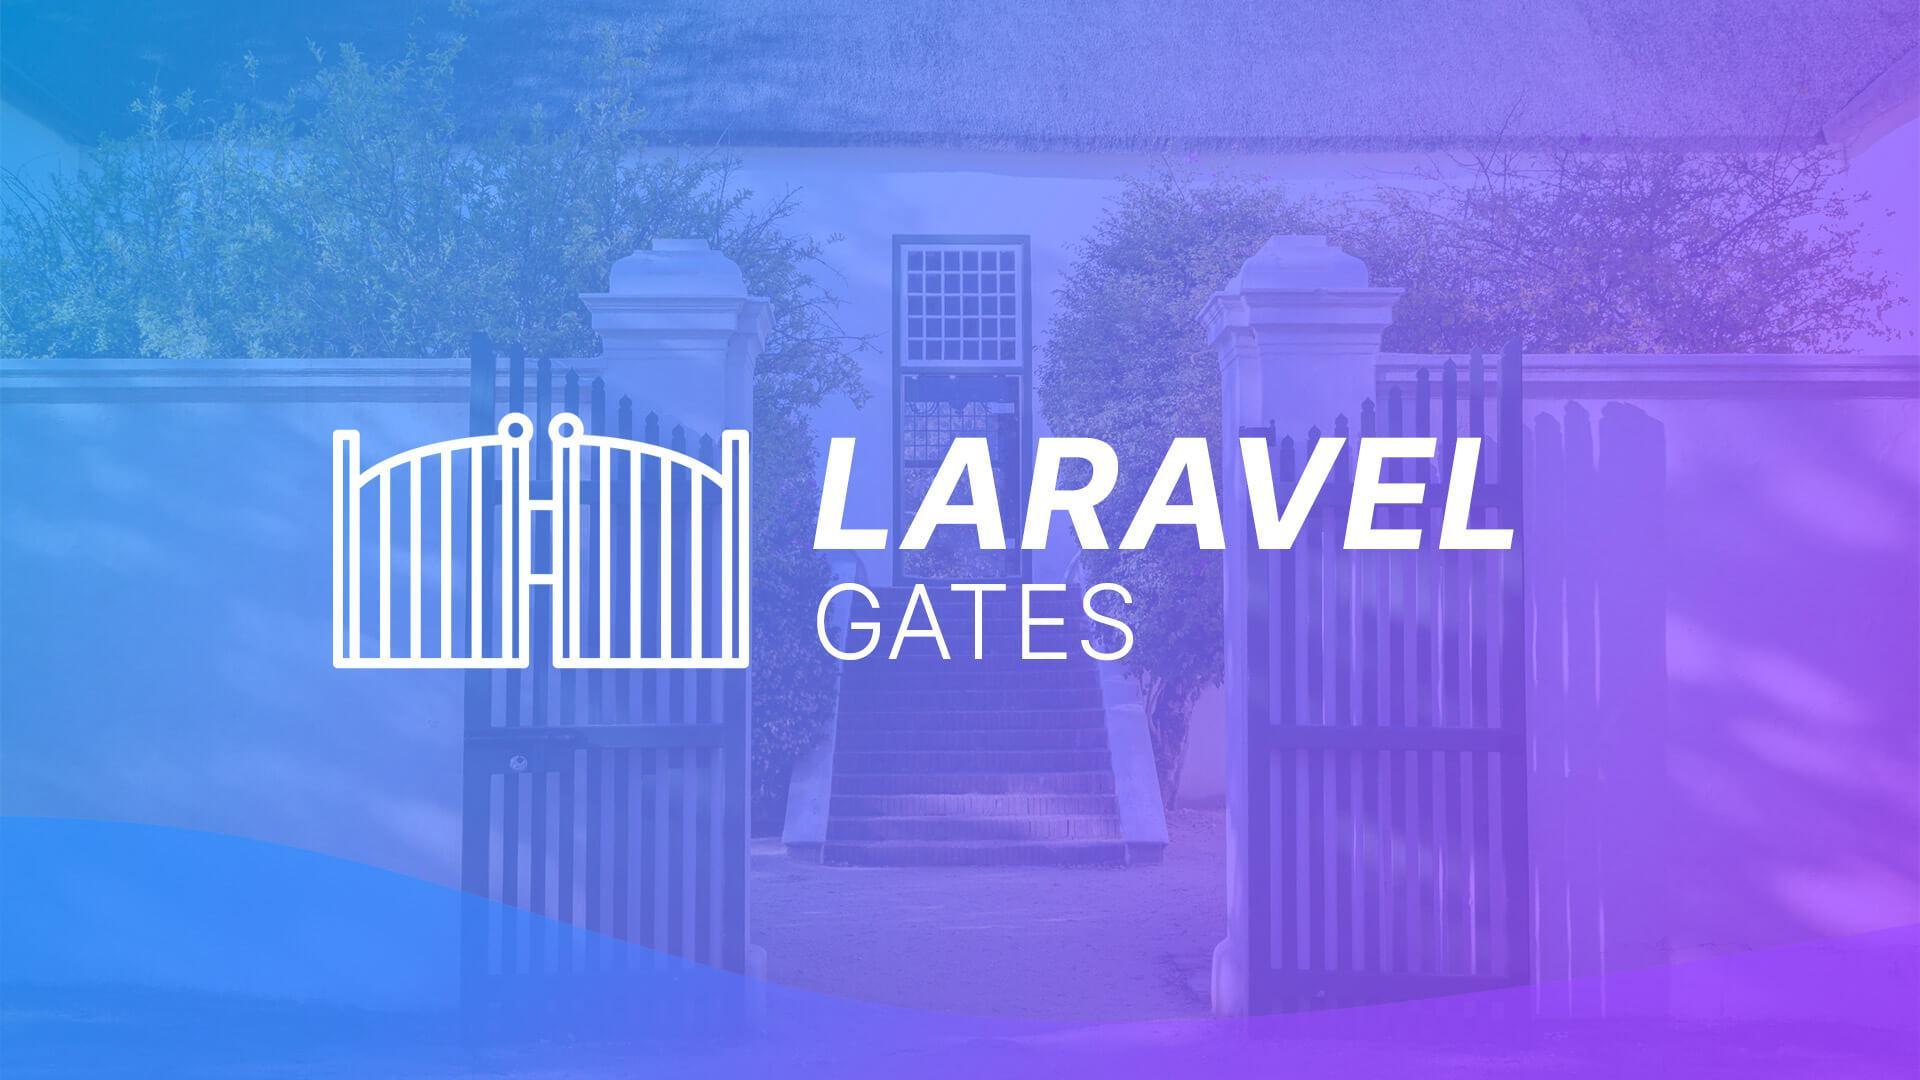 Laravel Gates